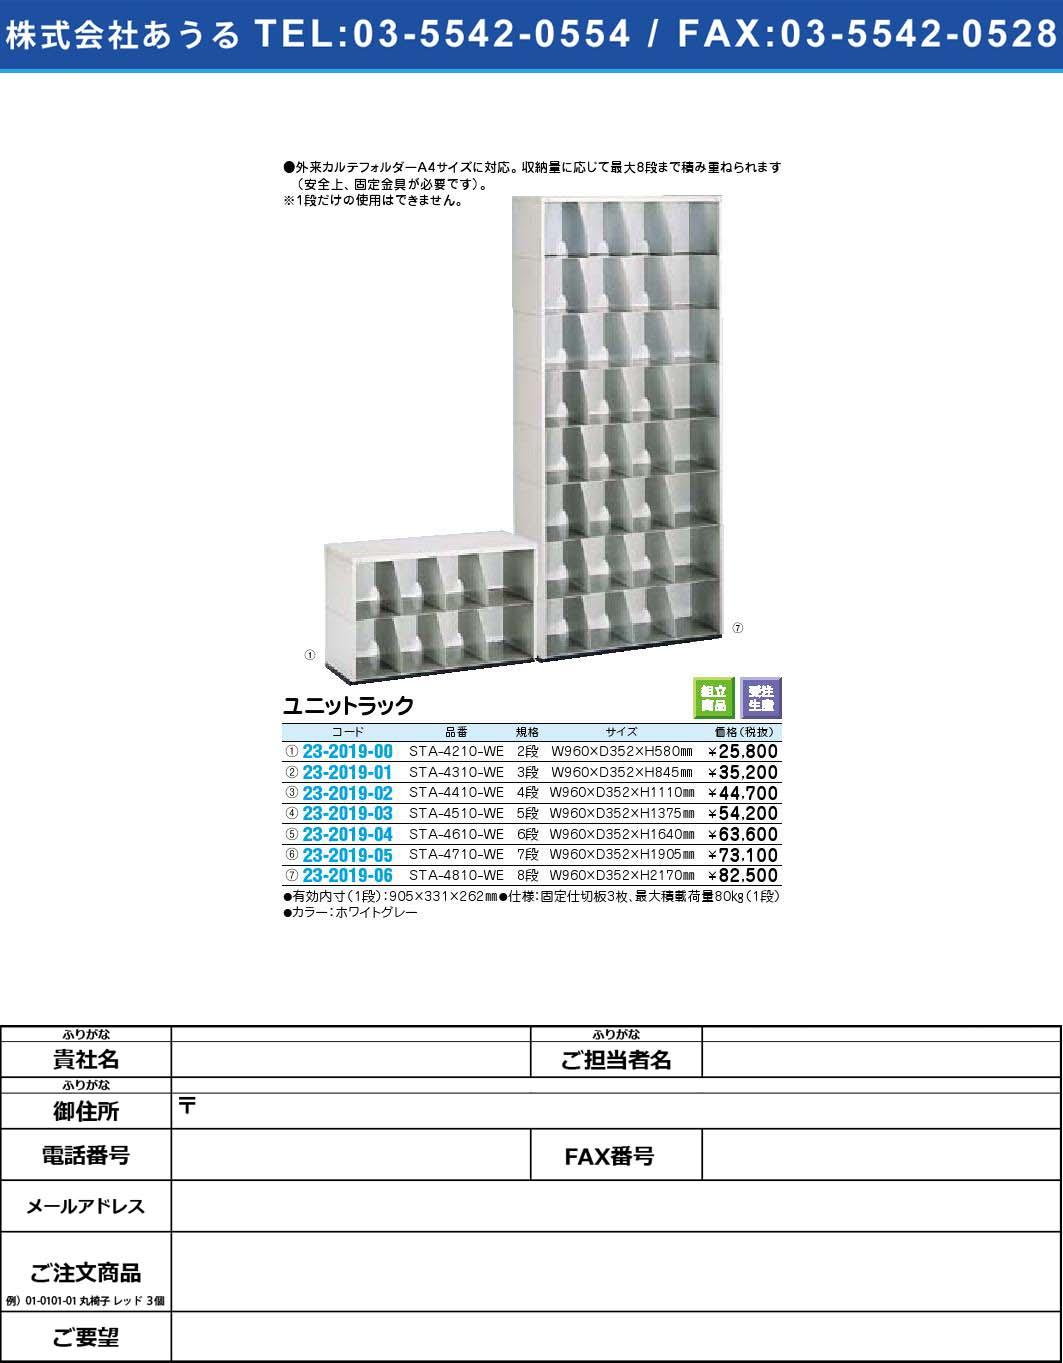 ユニットラック STA-4810-WE(23-2019-06)【1個単位】【2009年カタログ商品】